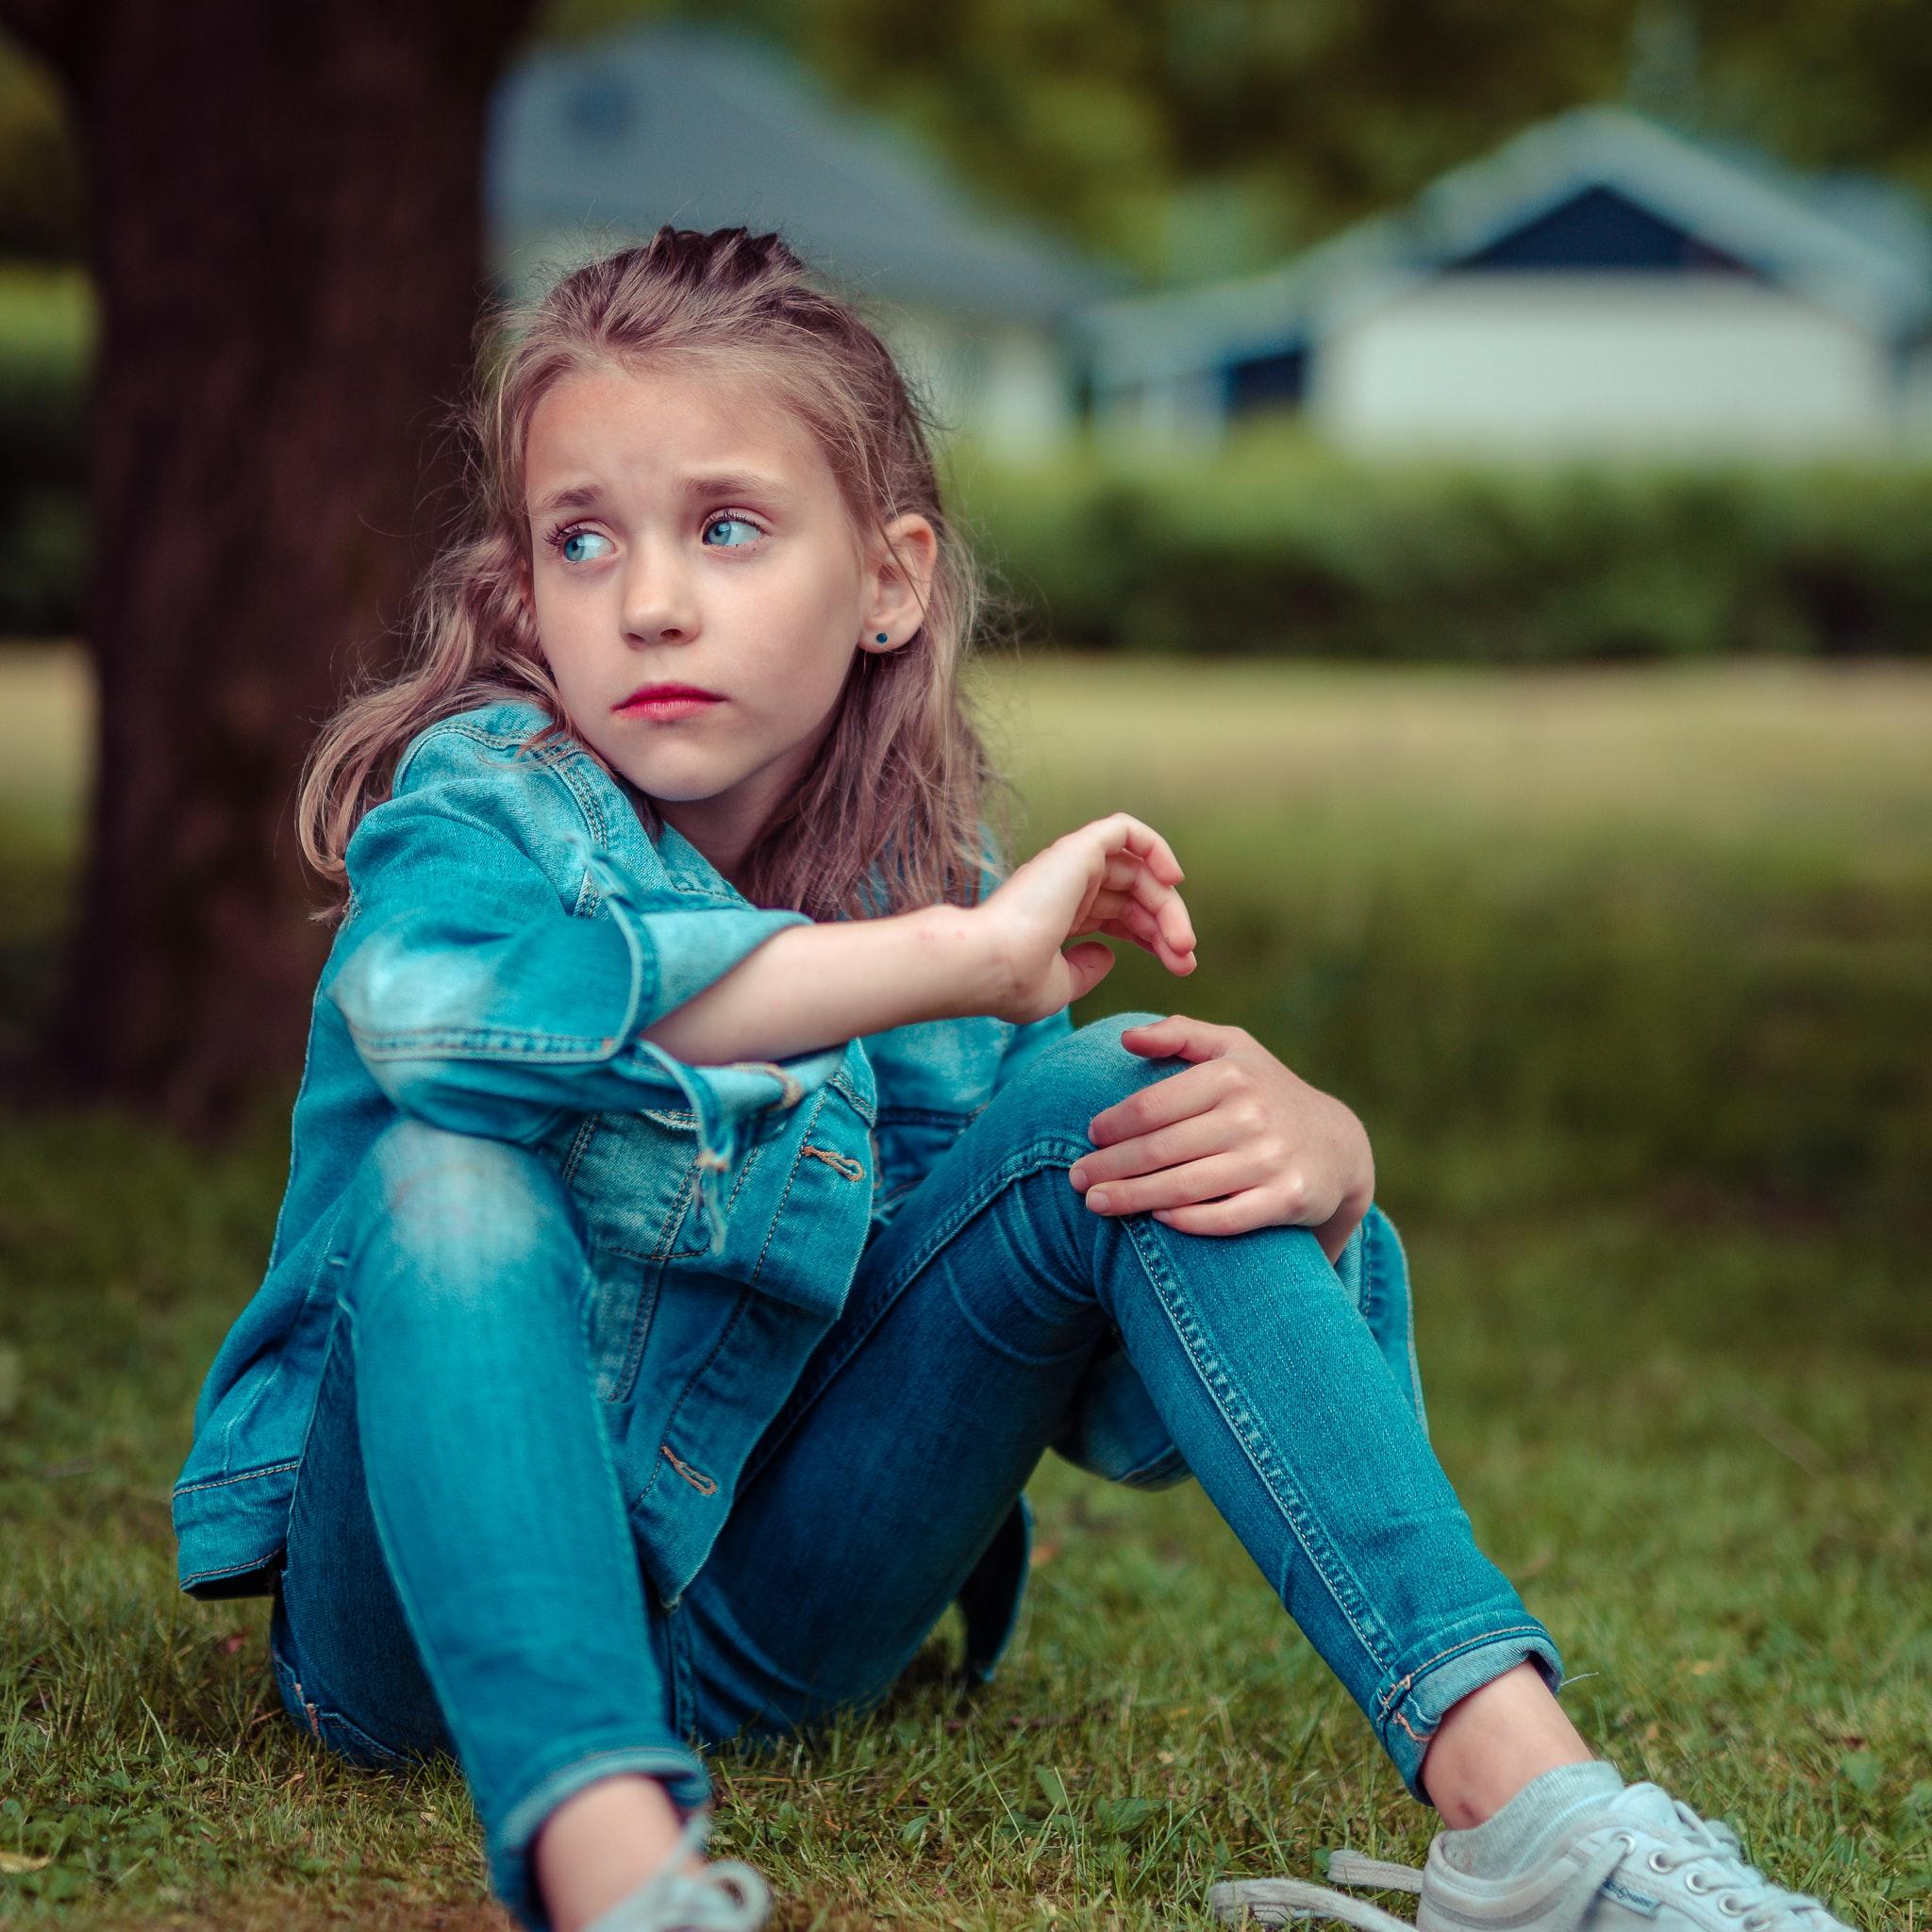 Πώς να εκπαιδεύσετε το παιδί σας, ώστε να ξέρει τι να κάνει σε περίπτωση που χαθεί